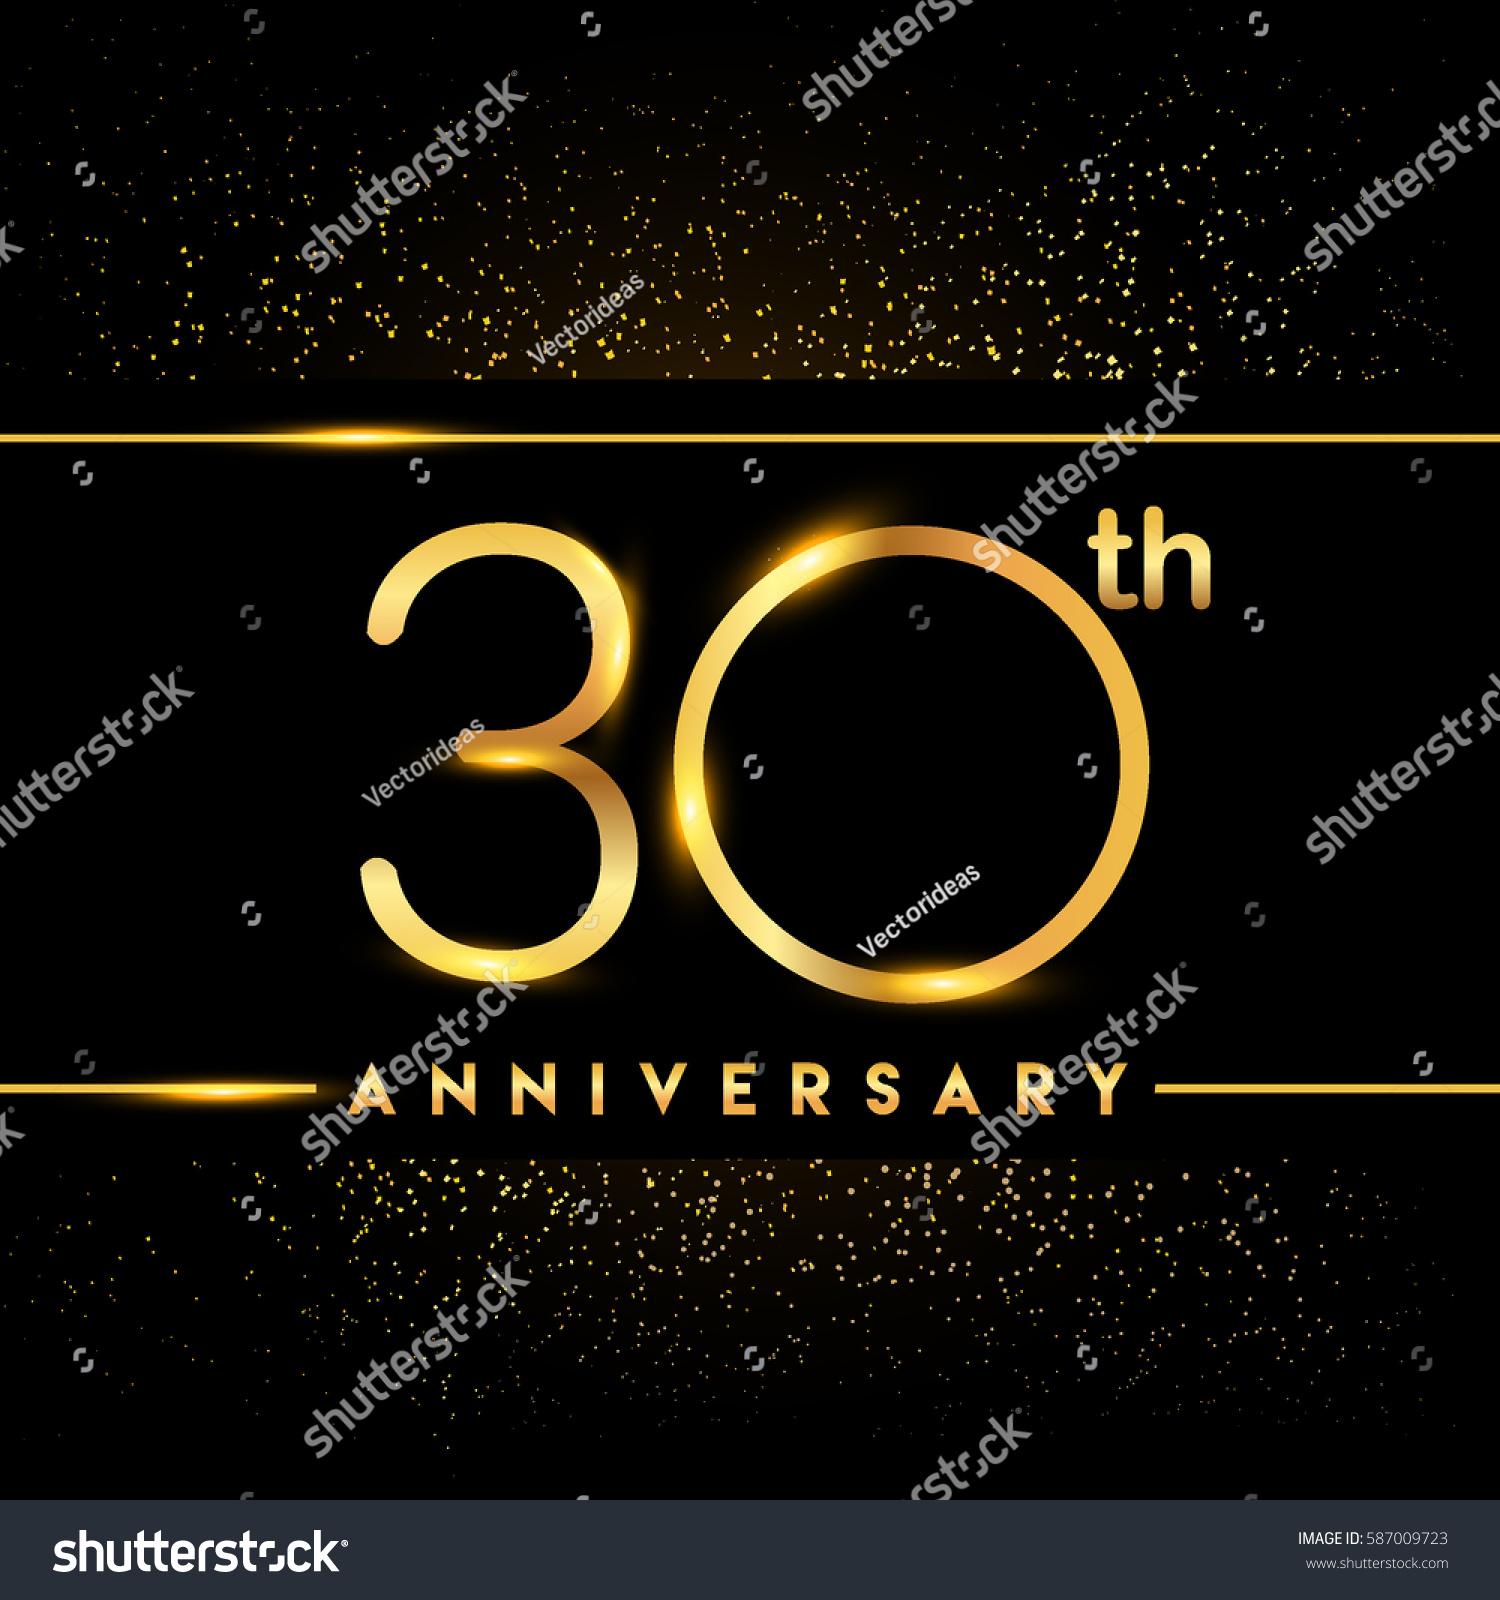 30 Year Anniversary Symbol: Thirty Years Anniversary Celebration Logotype 30th Stock